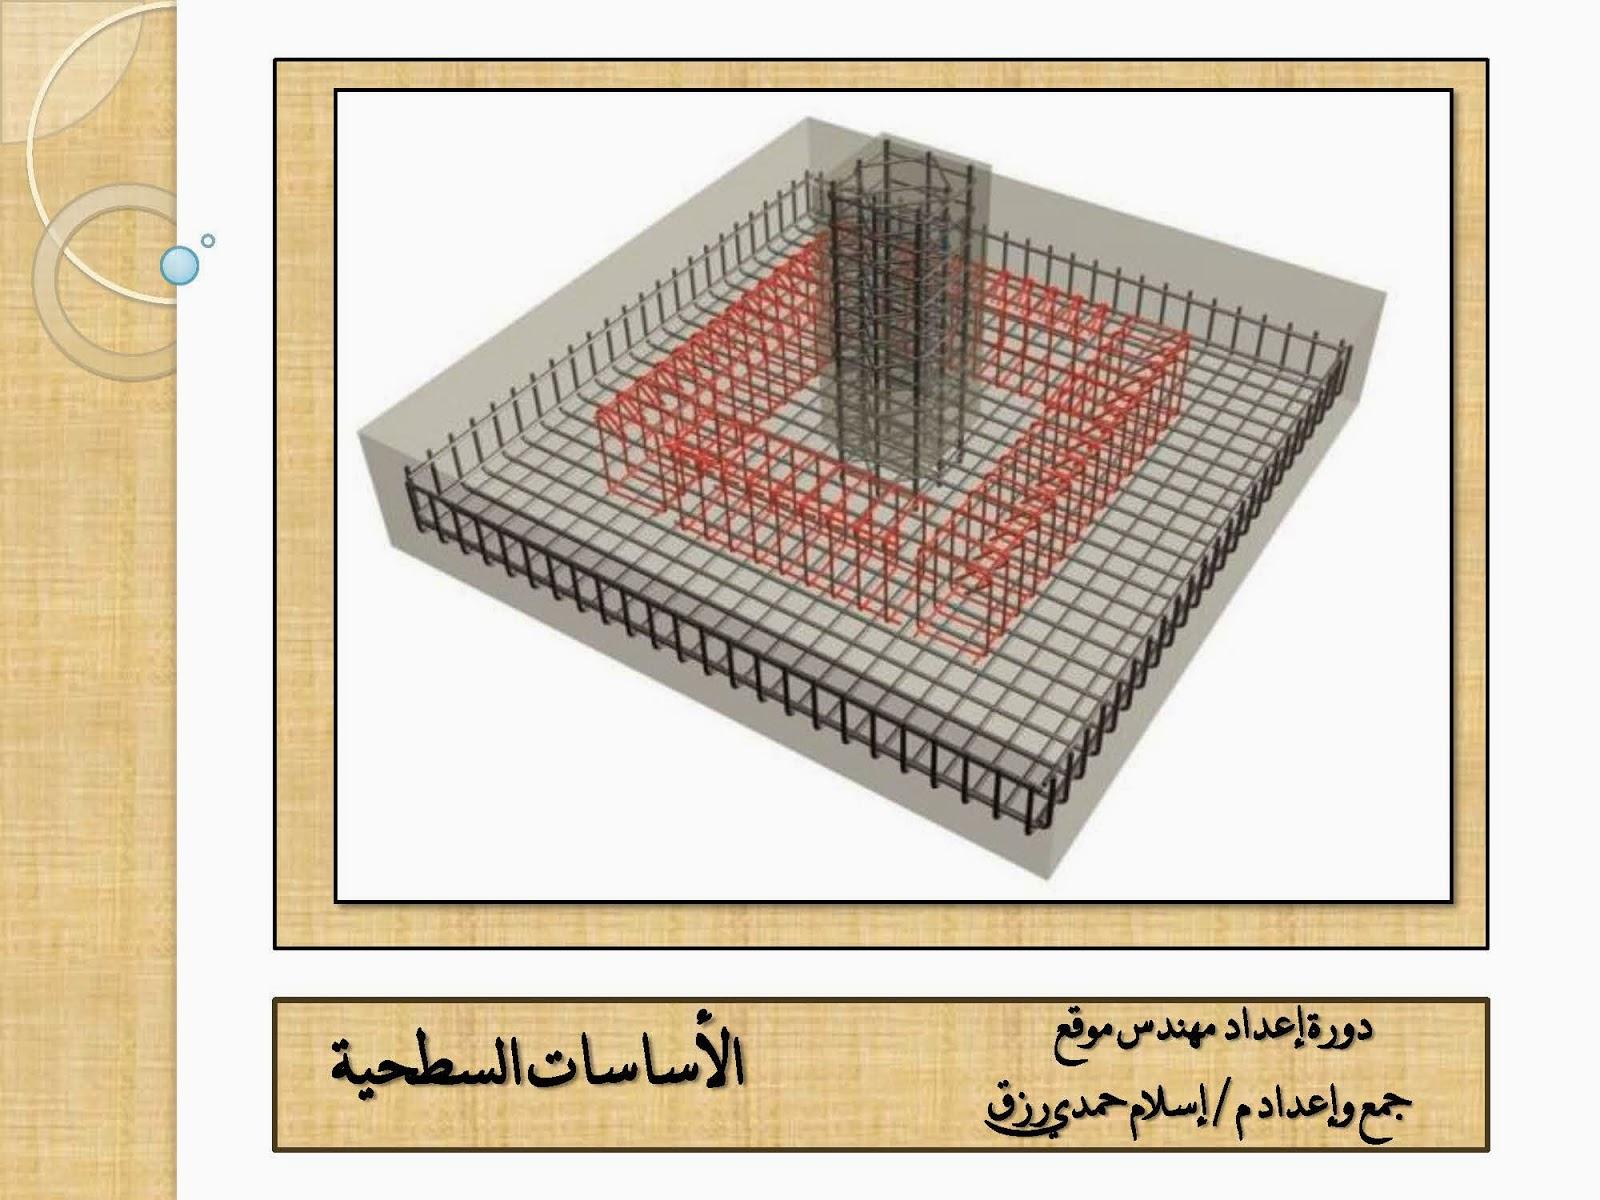 كتاب الأساسات السطحية لـ إسلام حمدي رزق